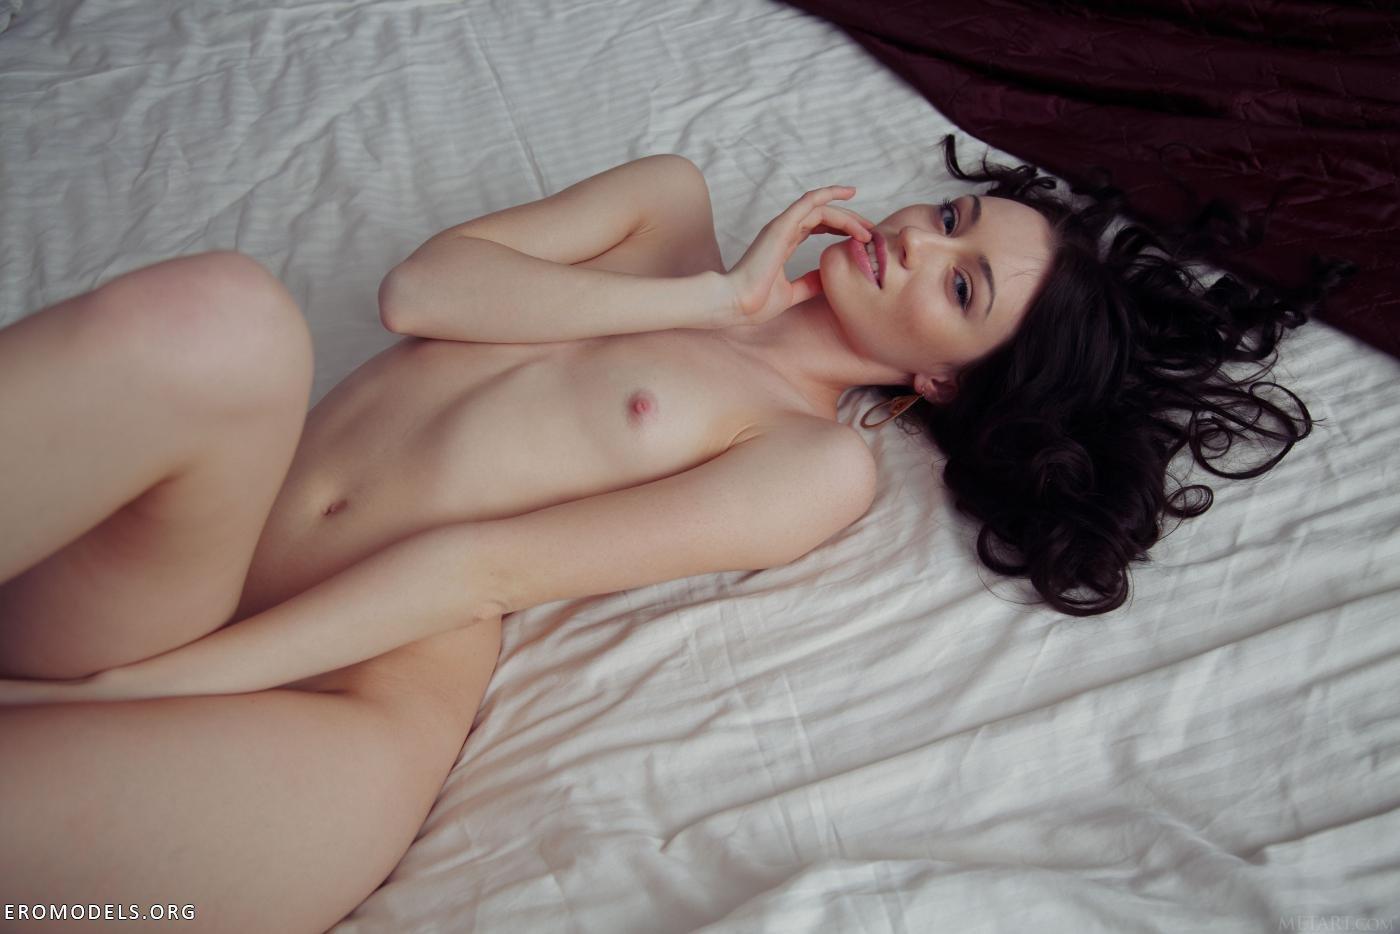 Цыганки эротические фото 16 фотография